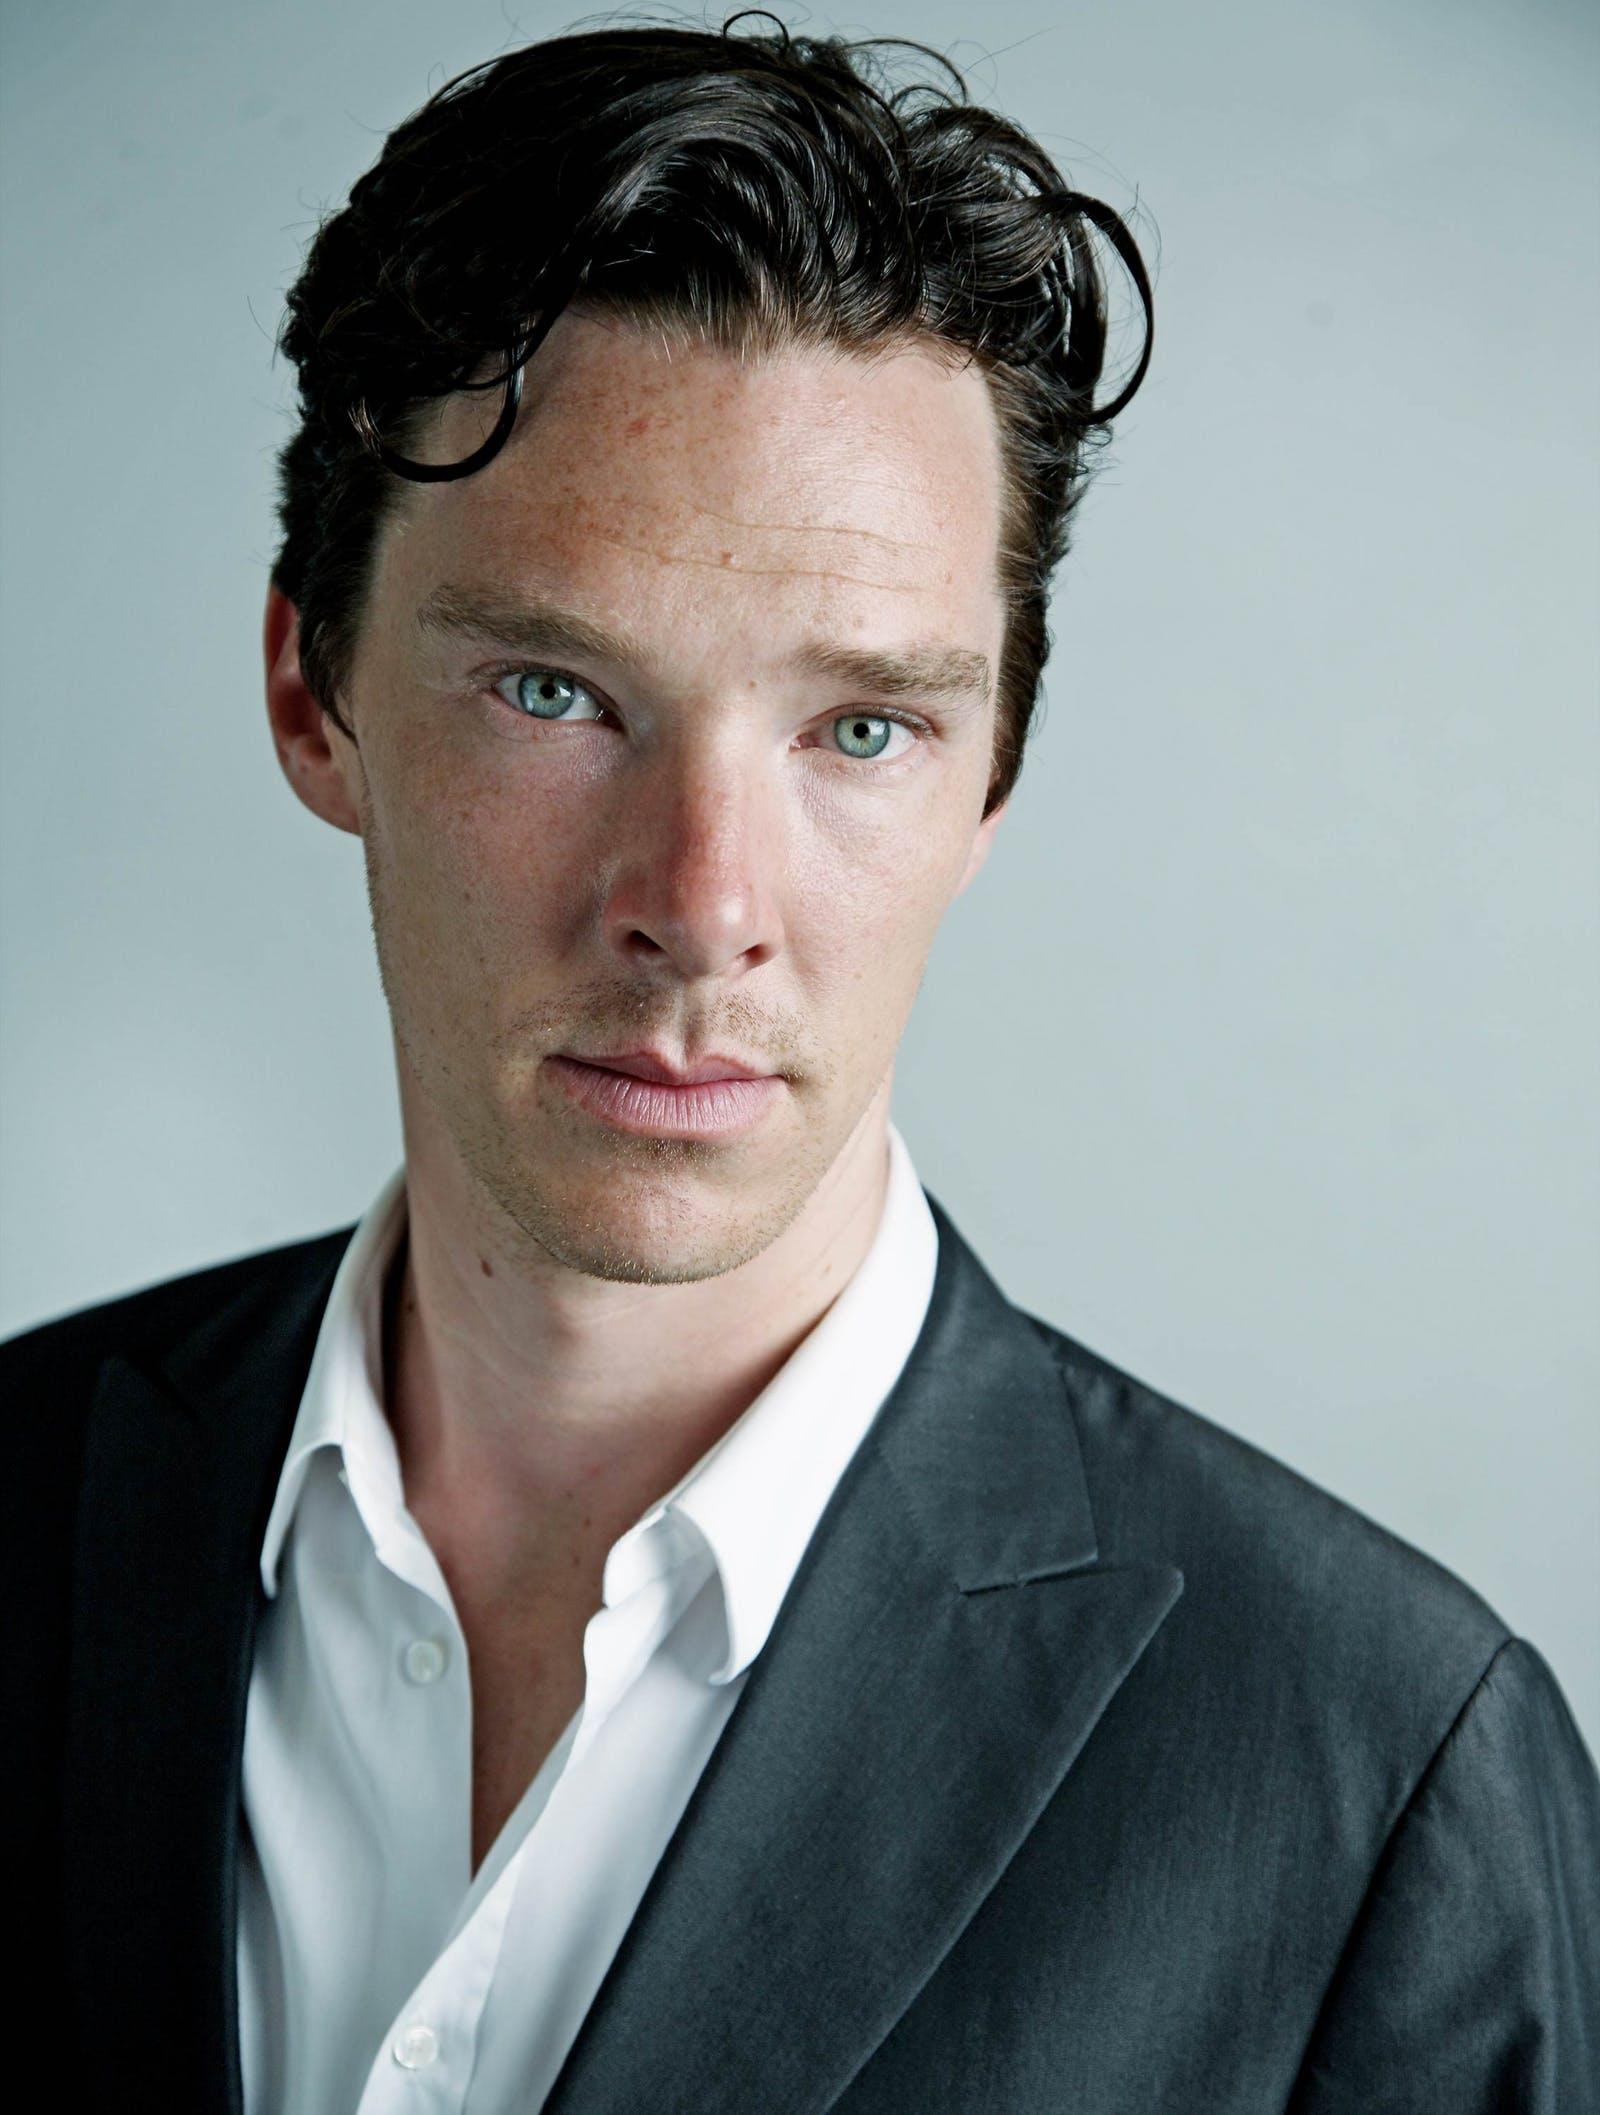 Kiểu tóc đẹp dành cho nam mặt dài